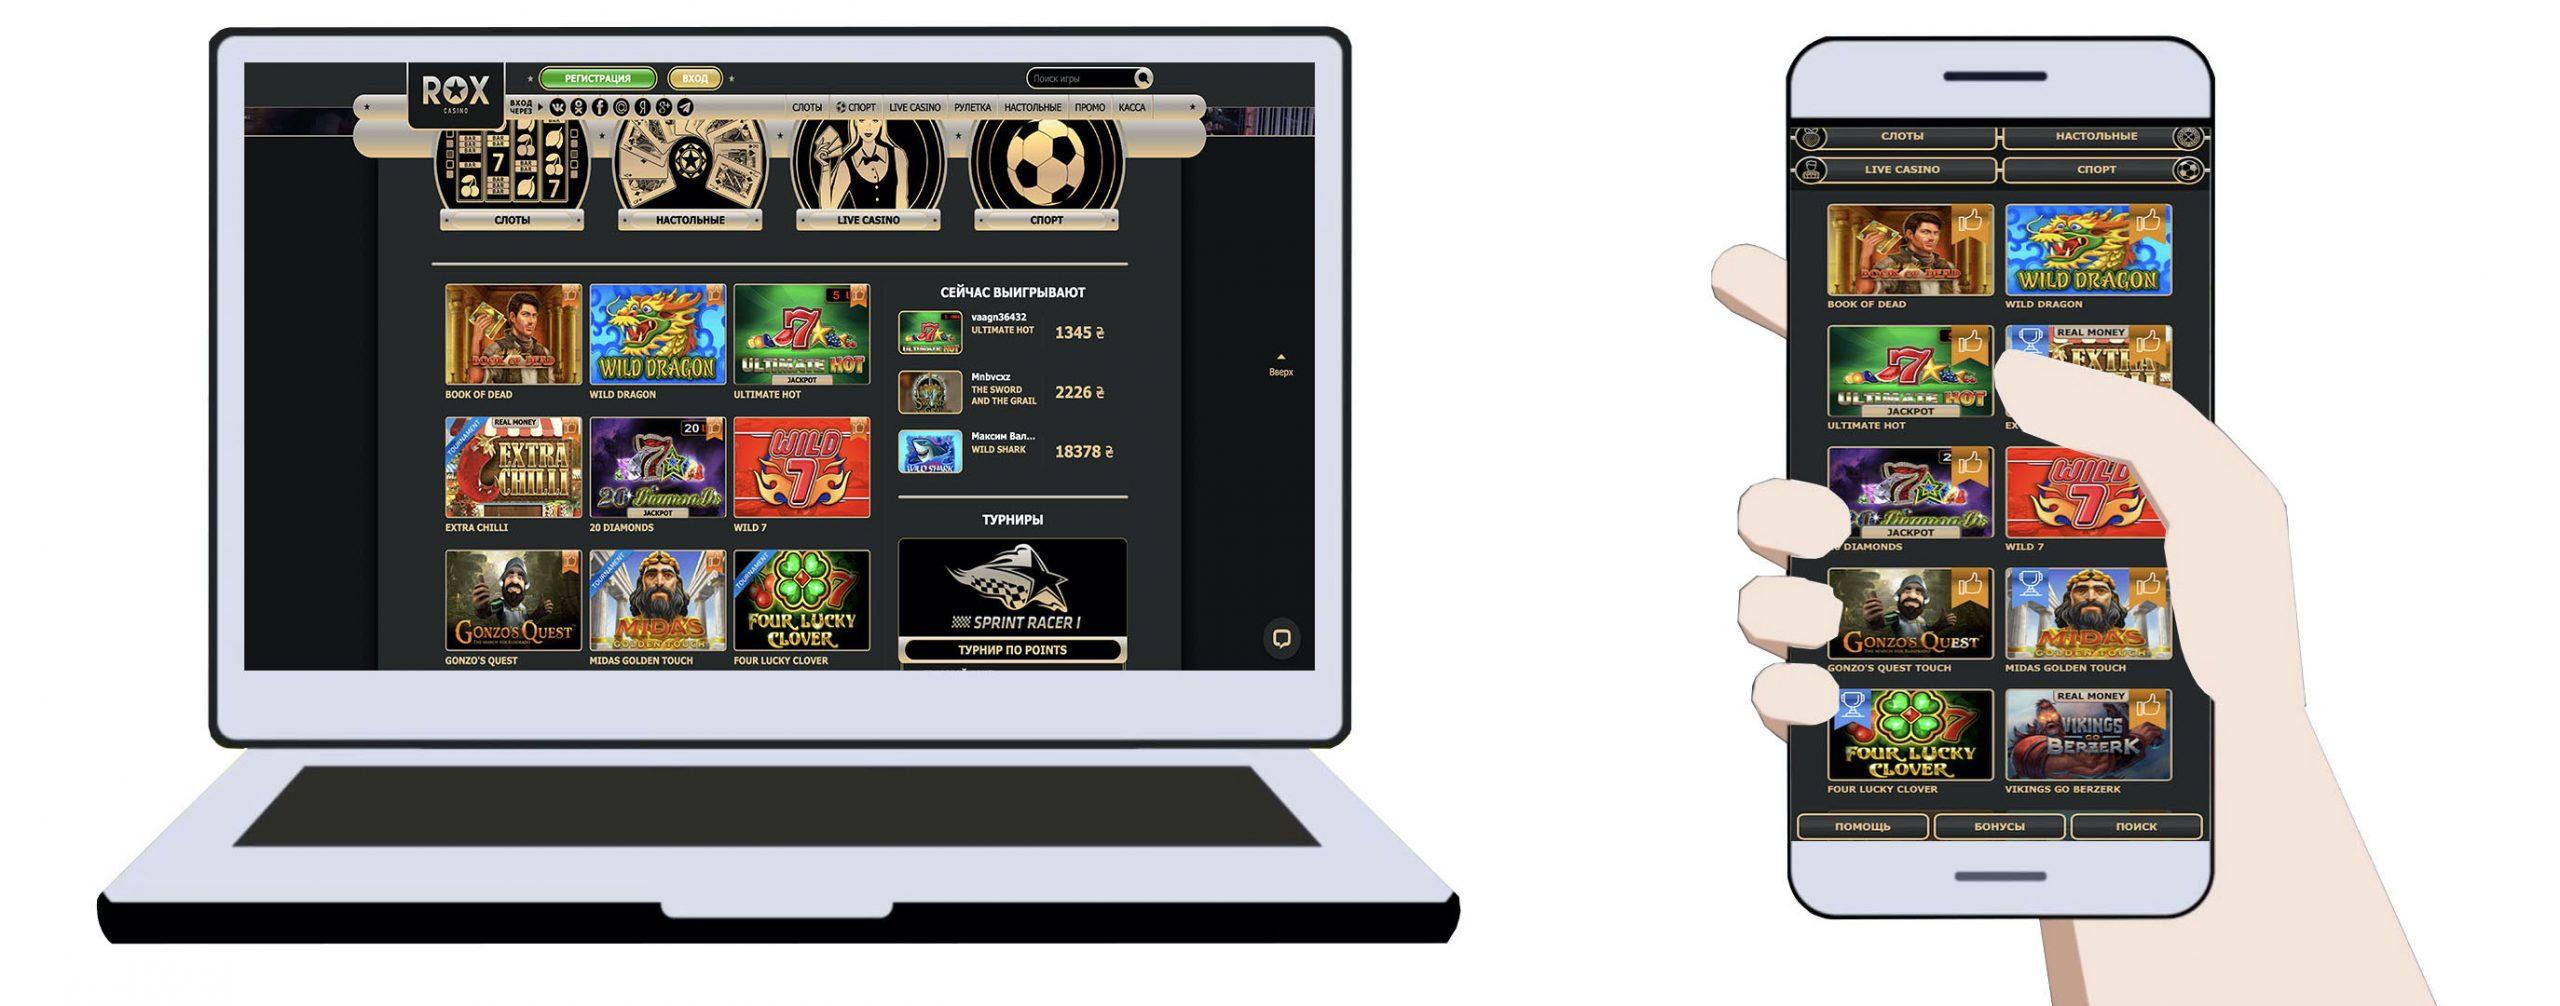 Игровые автоматы в Рокс (ROX) казино бесплатно